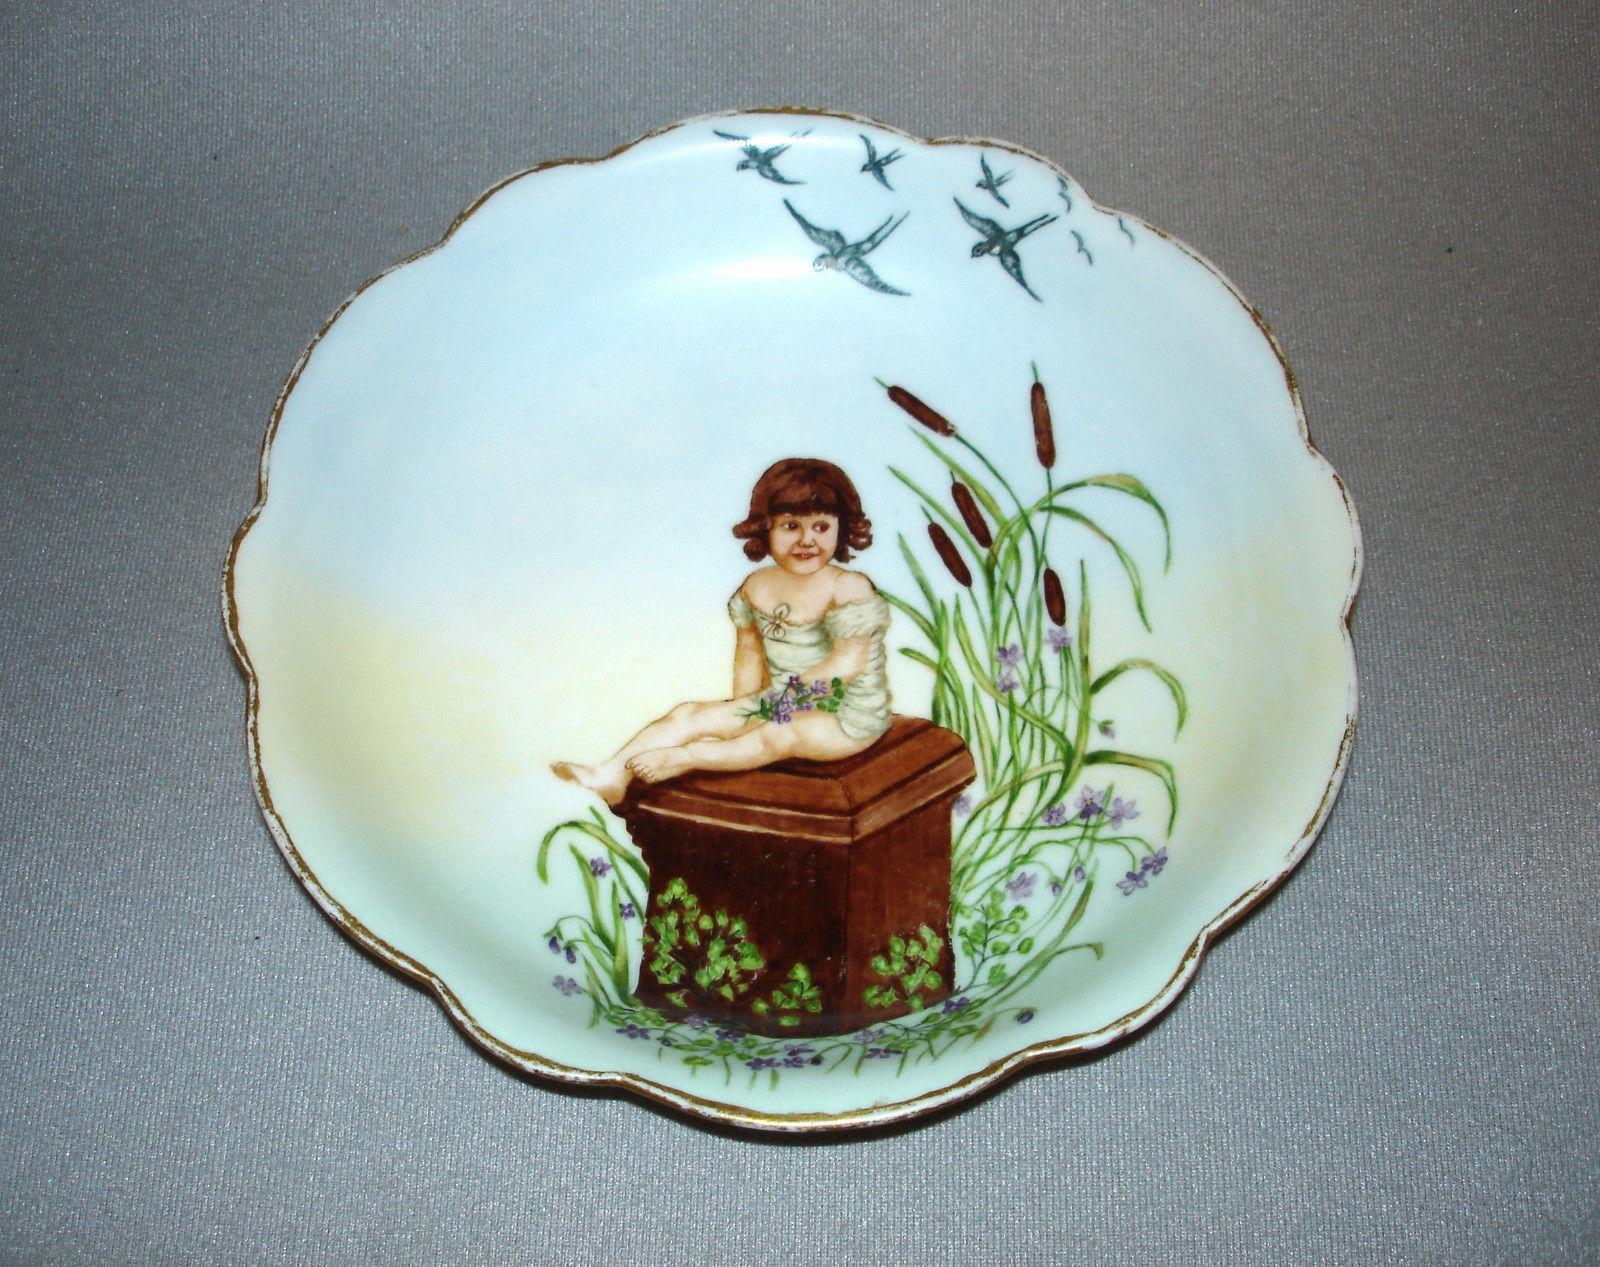 Antique Limoges Hand Painted Portrait Porcelain Bowl